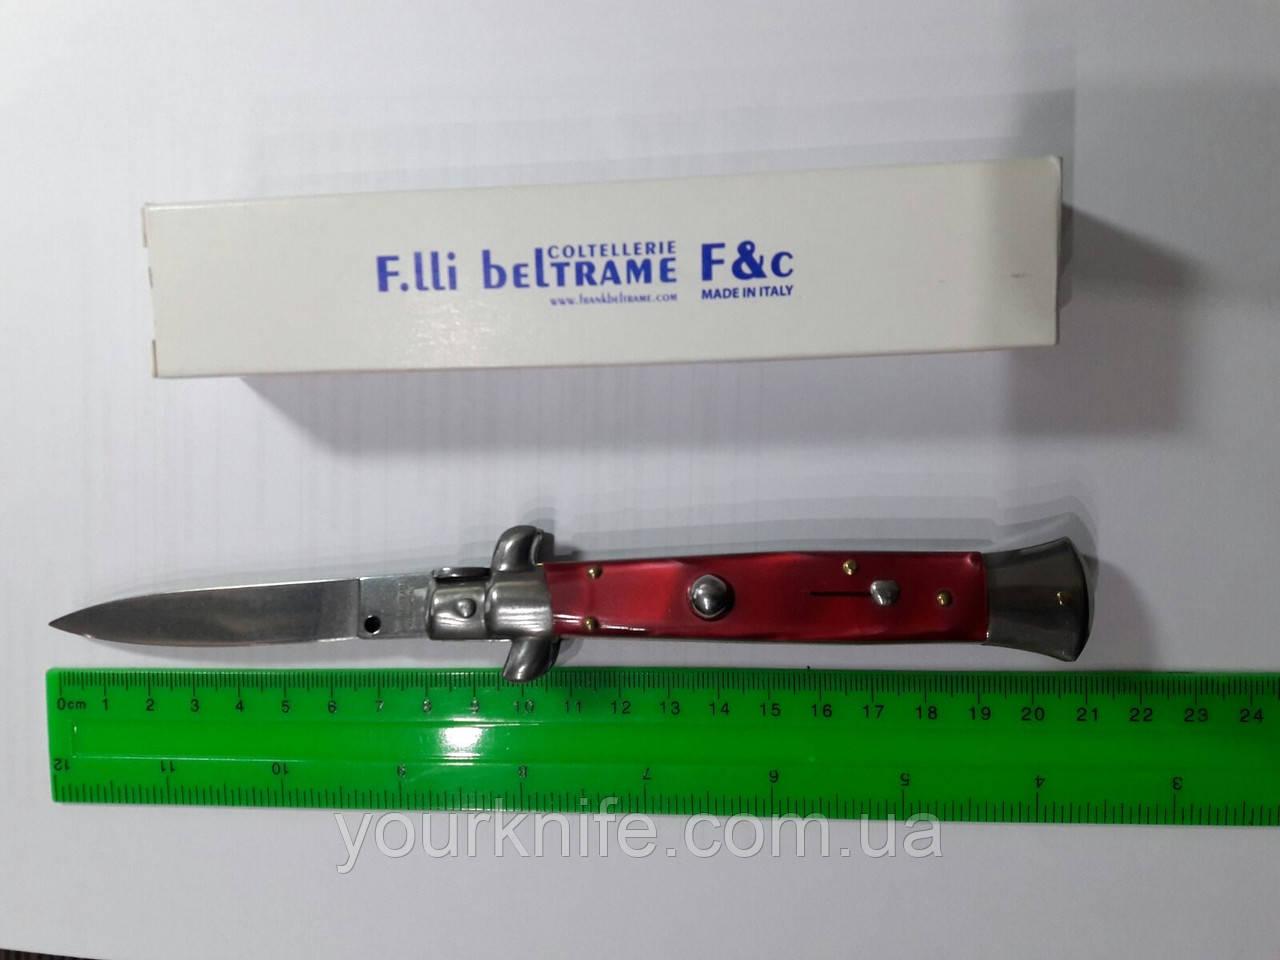 Нож Итальянский автоматический стилет Linder Beltrame 20см пластик красный